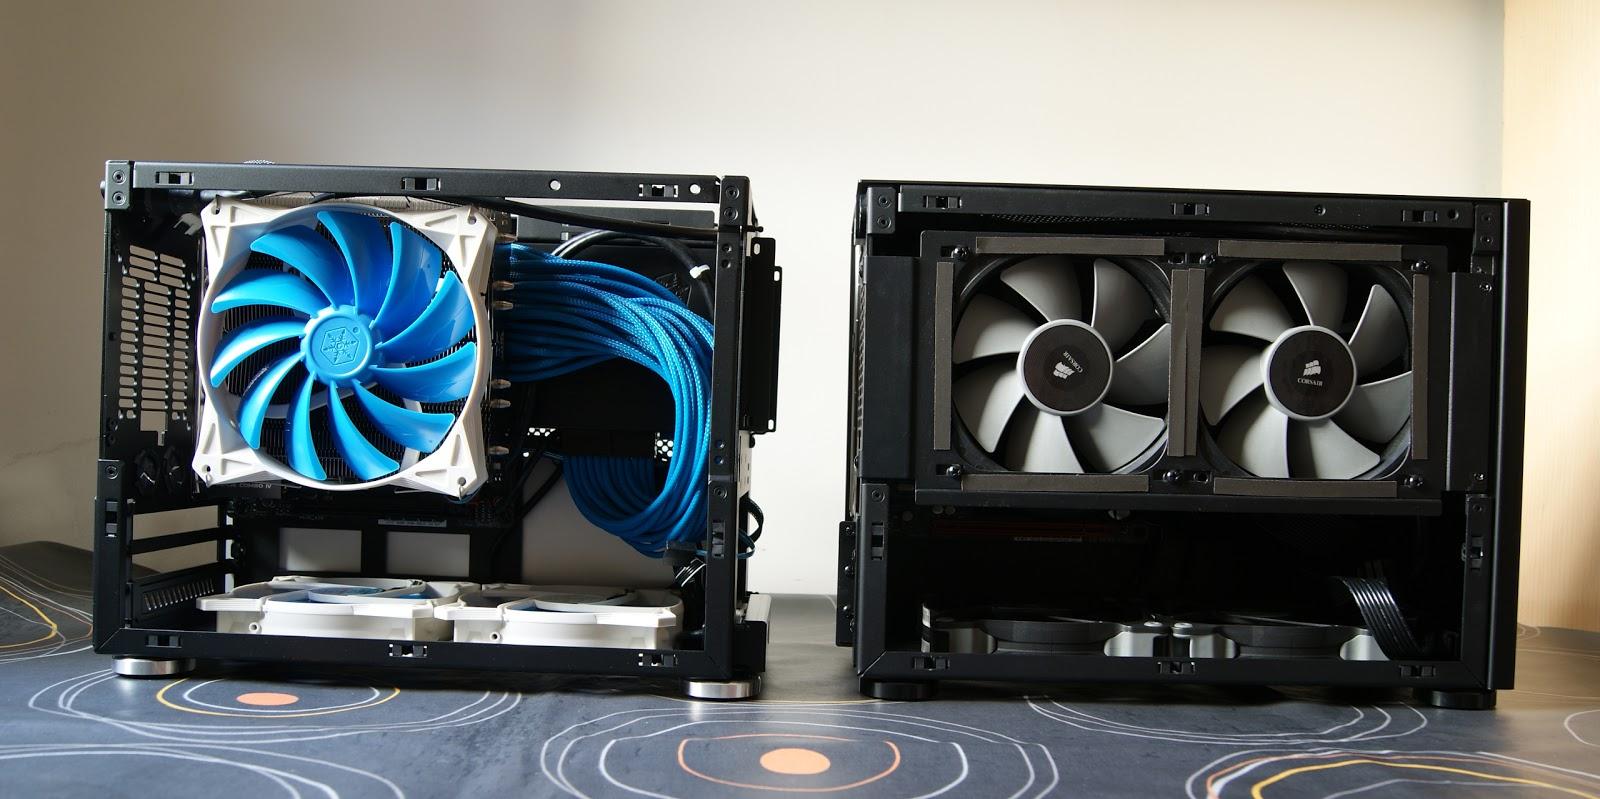 Ventiladores de Minimax3 vs Minimax1 - caja NCASE M1